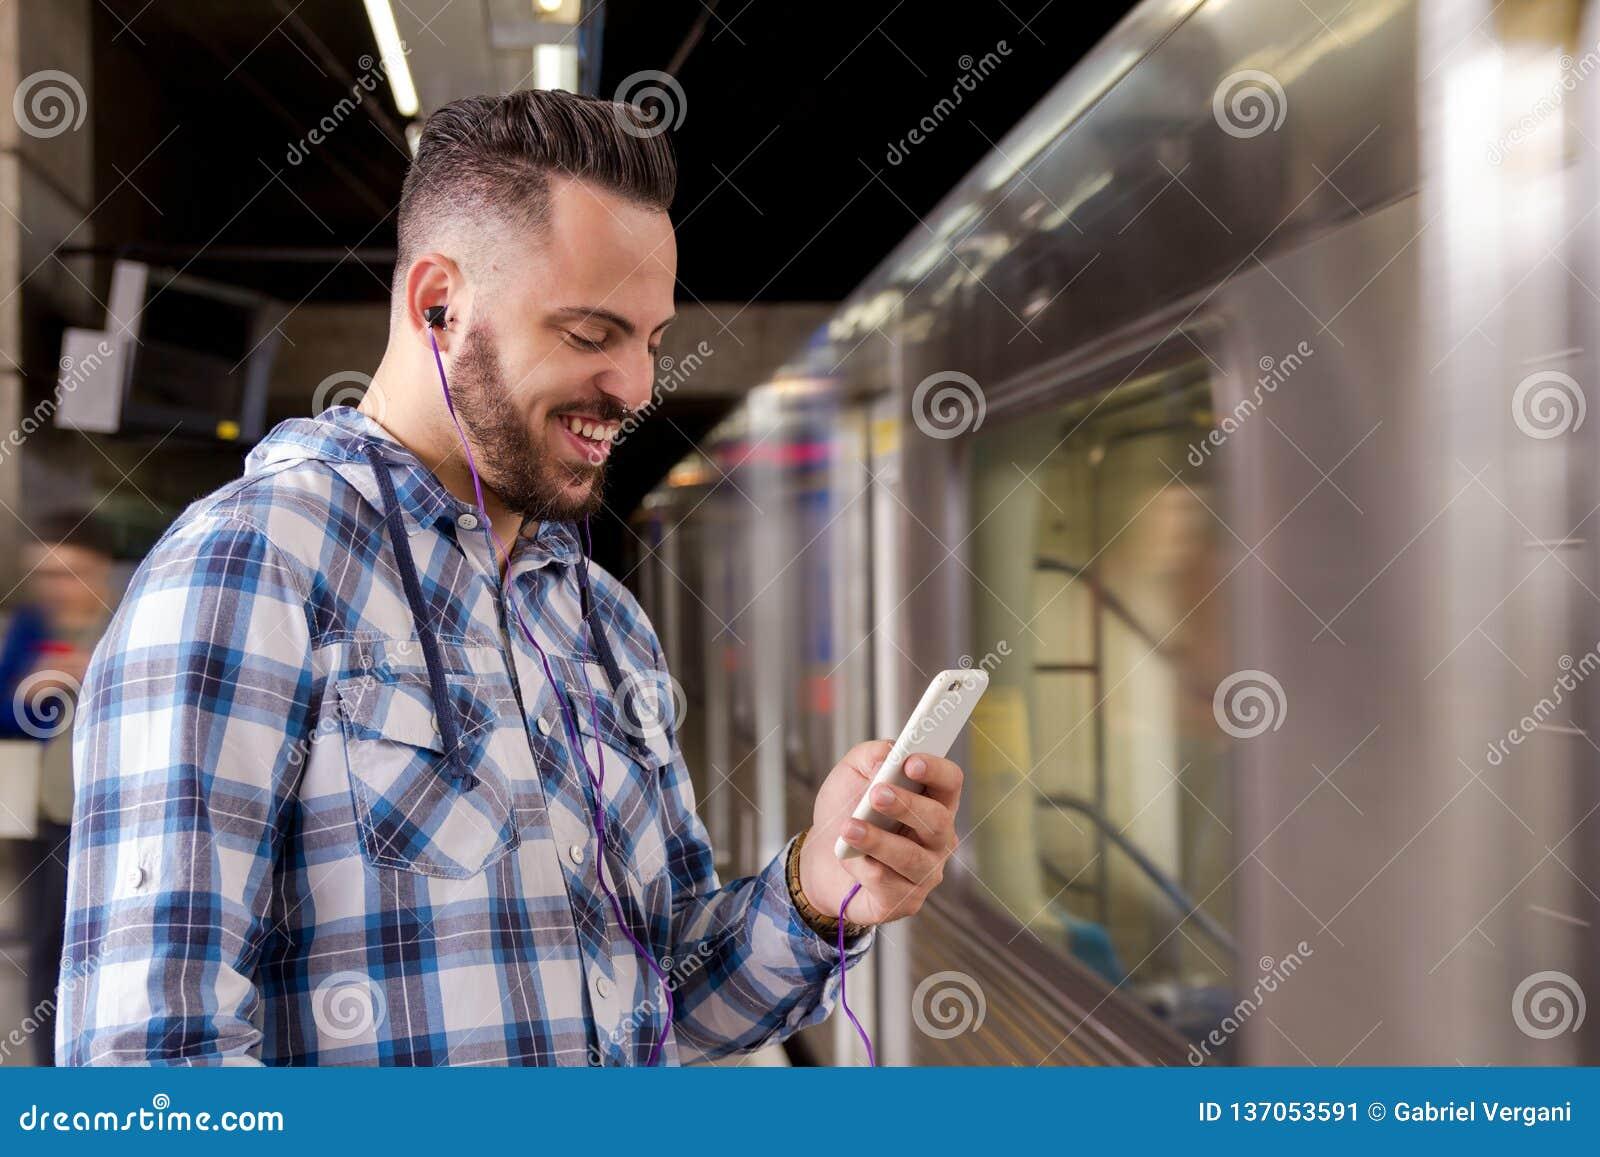 Trem de espera do viajante do estudante que escuta a música em um smartphone Conceito do lazer, uma comunicação, meio social